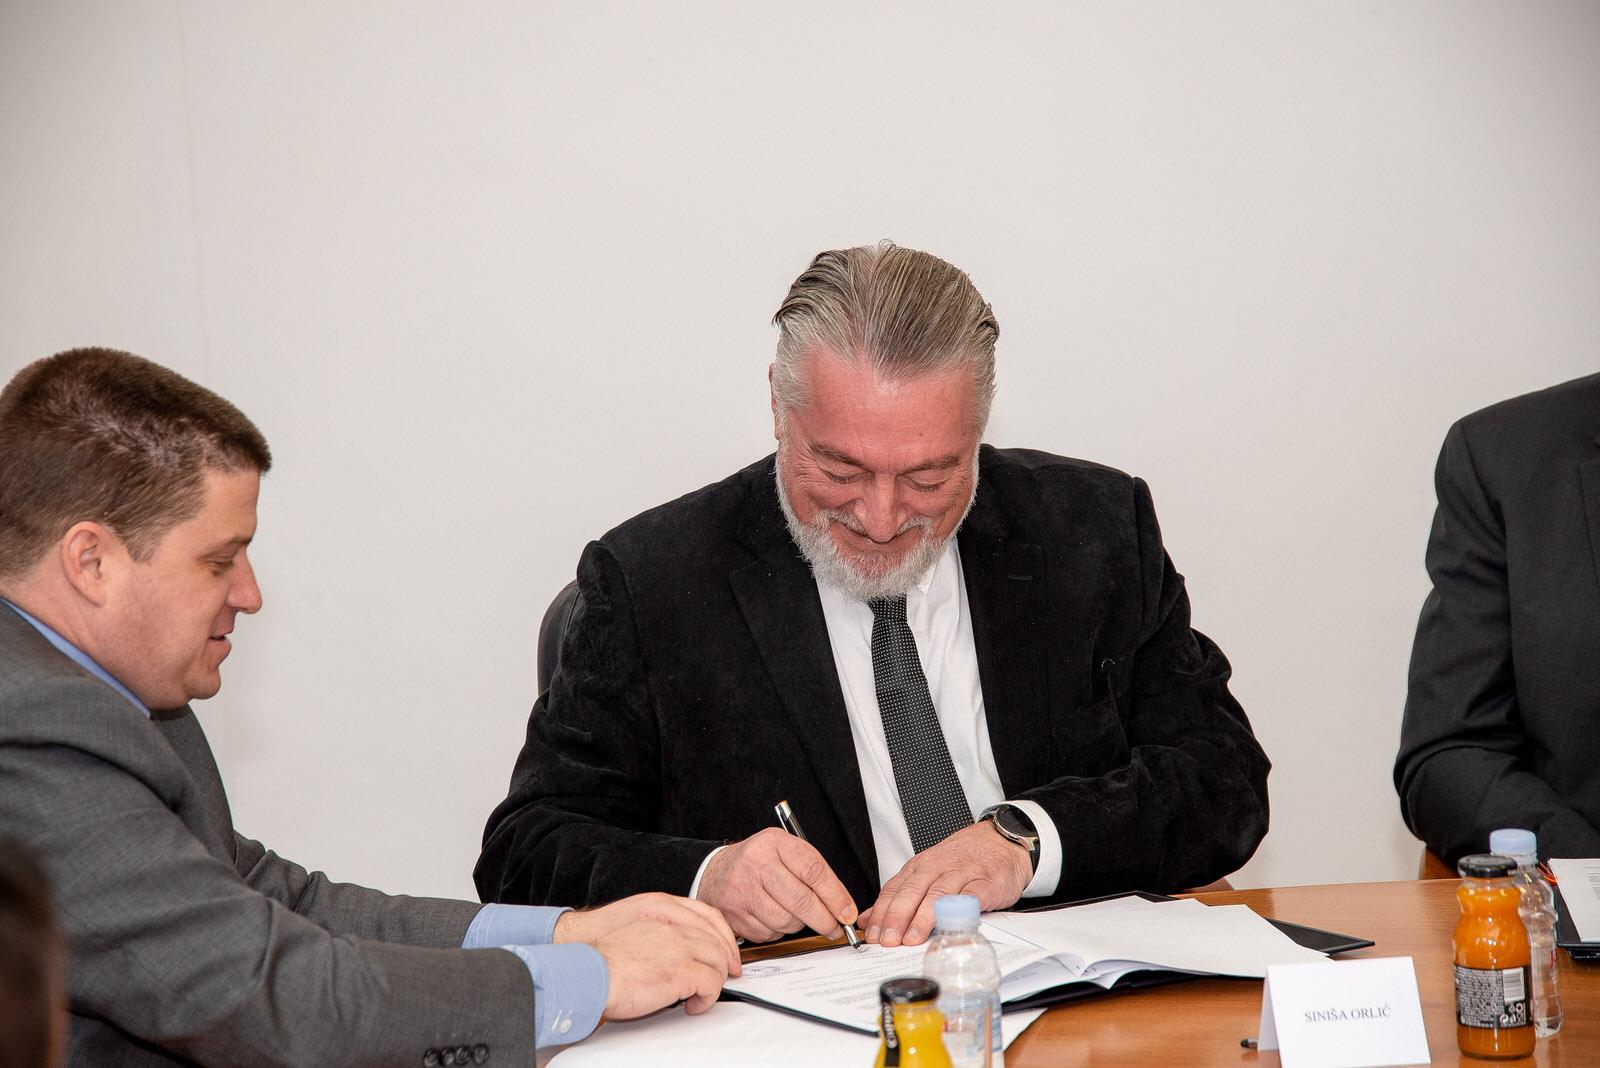 likaclub_svečanosti potpisivanja ugovora i sporazuma_lsž_28-2-2020 (18)